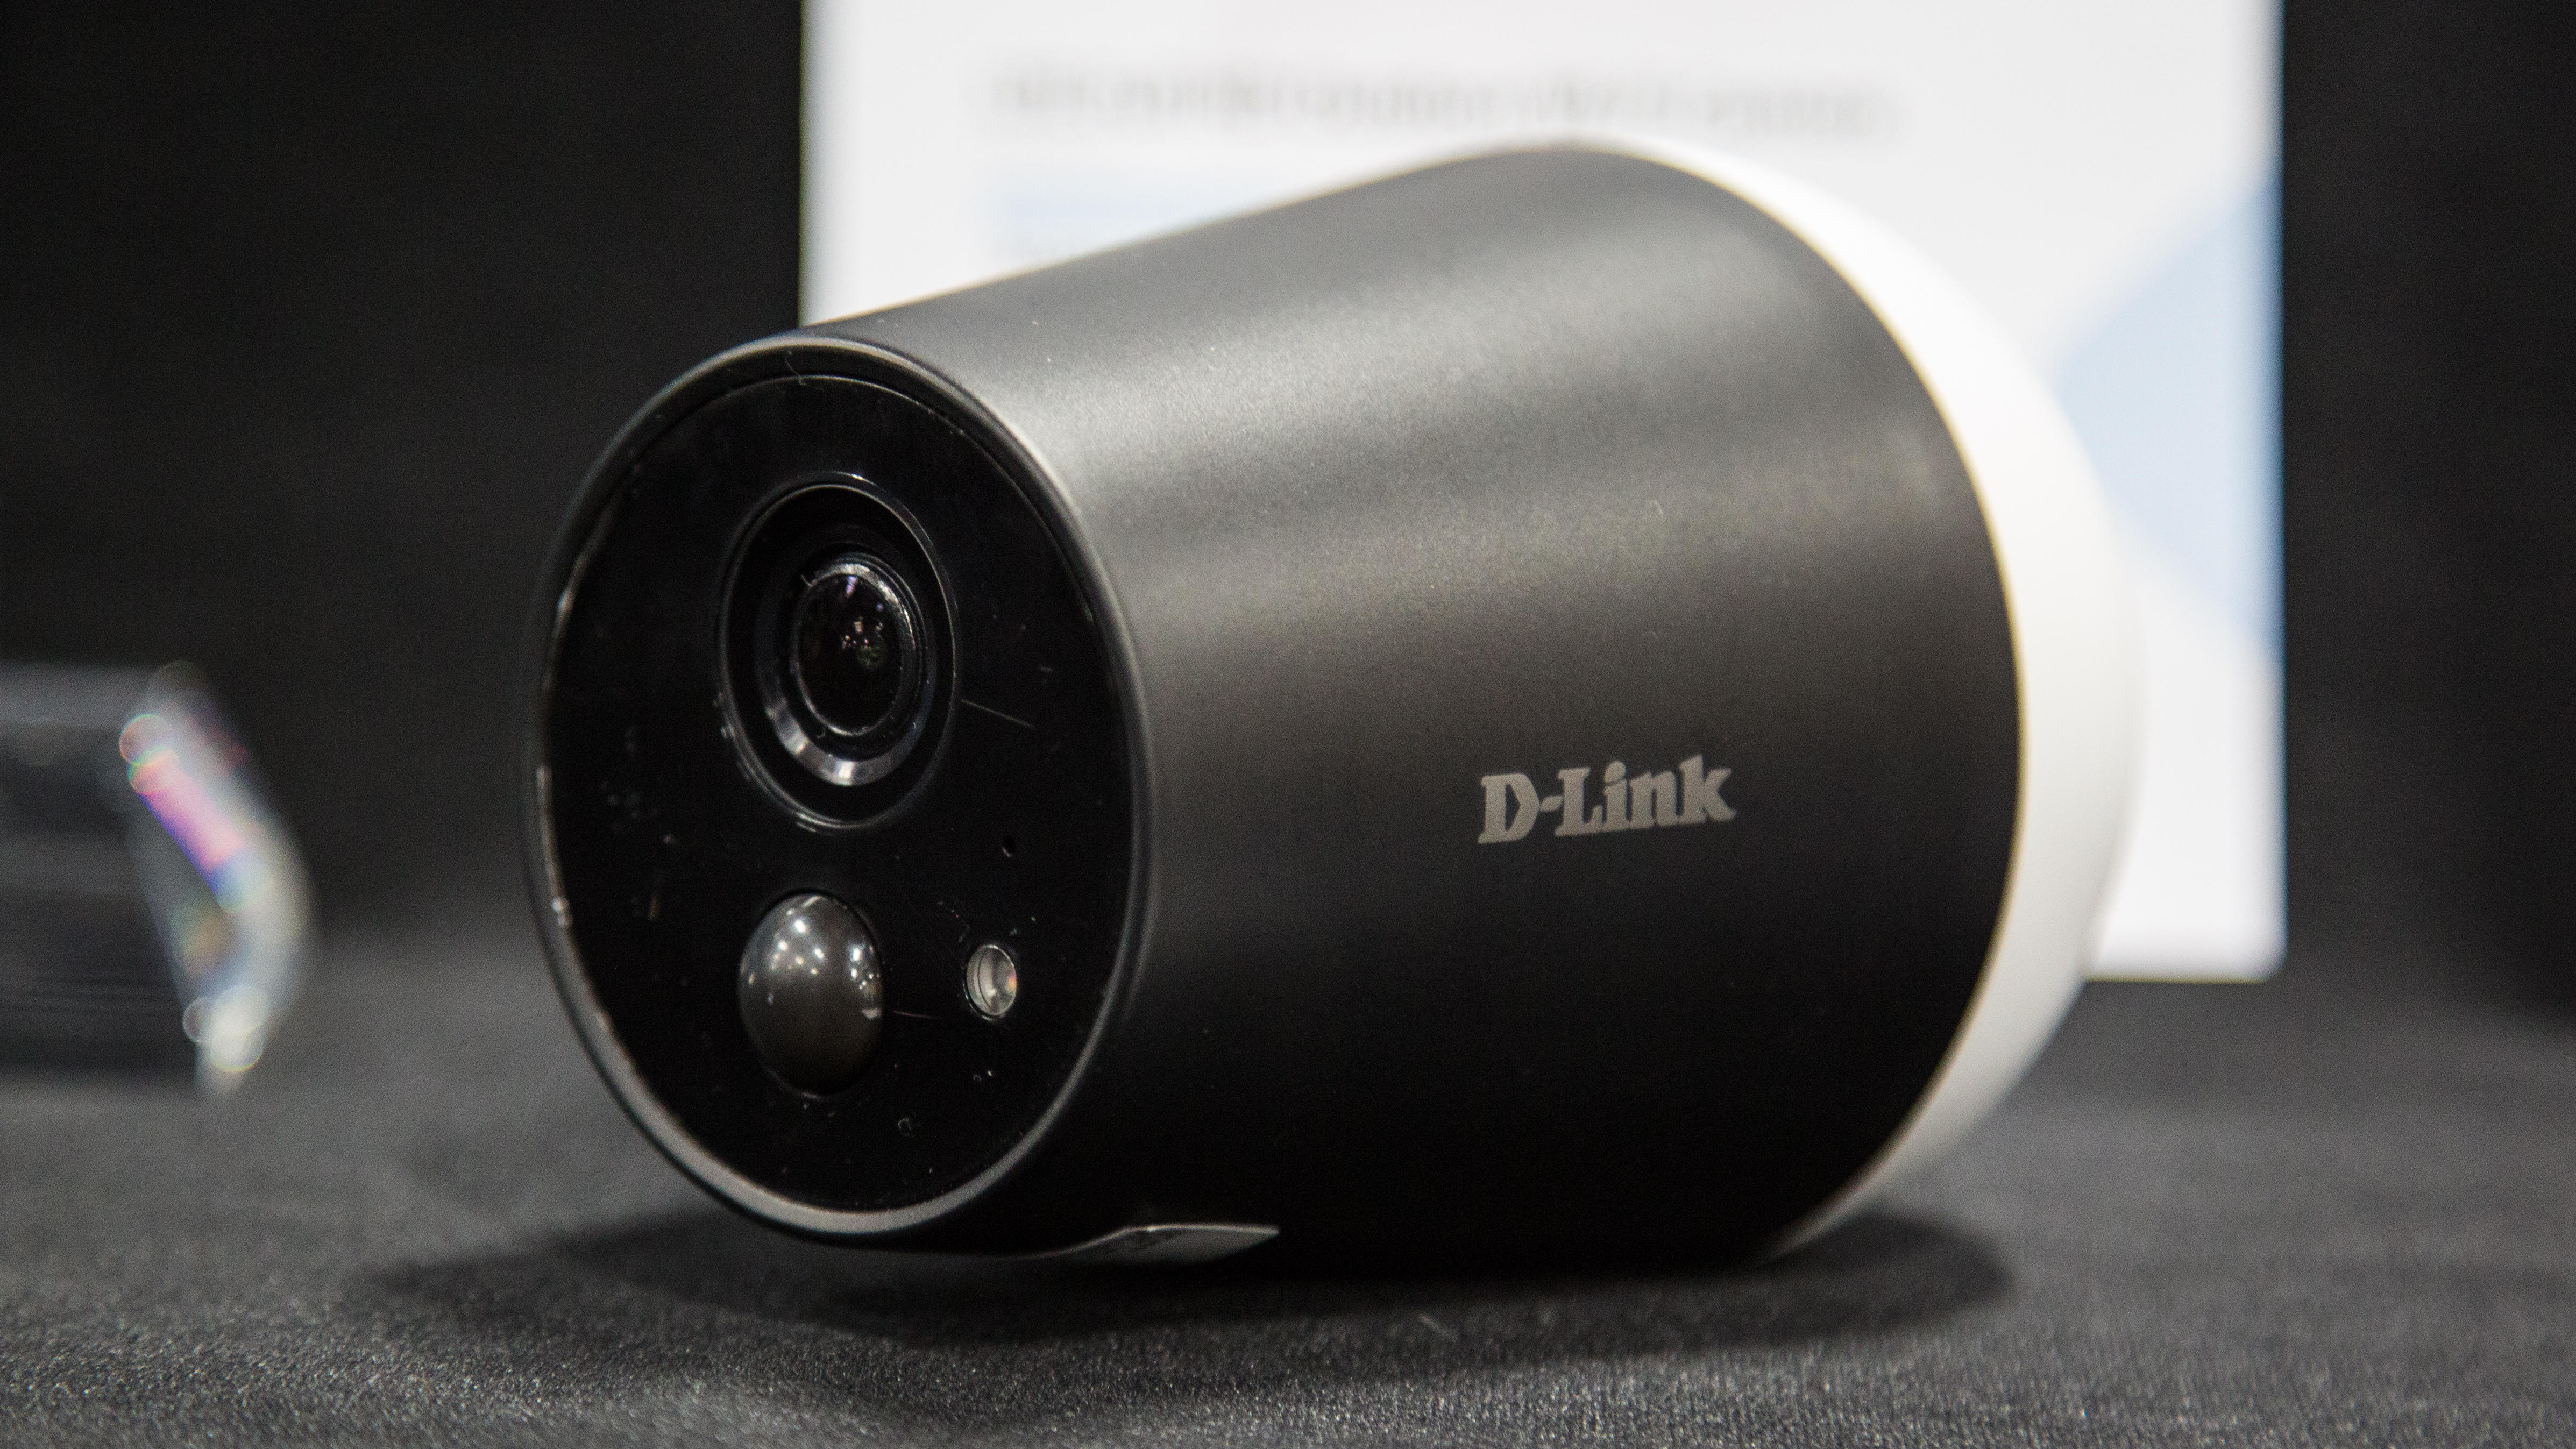 d-link-lte-full-hd-indoor-outdoor-camera-dcs-1820lh-image-1